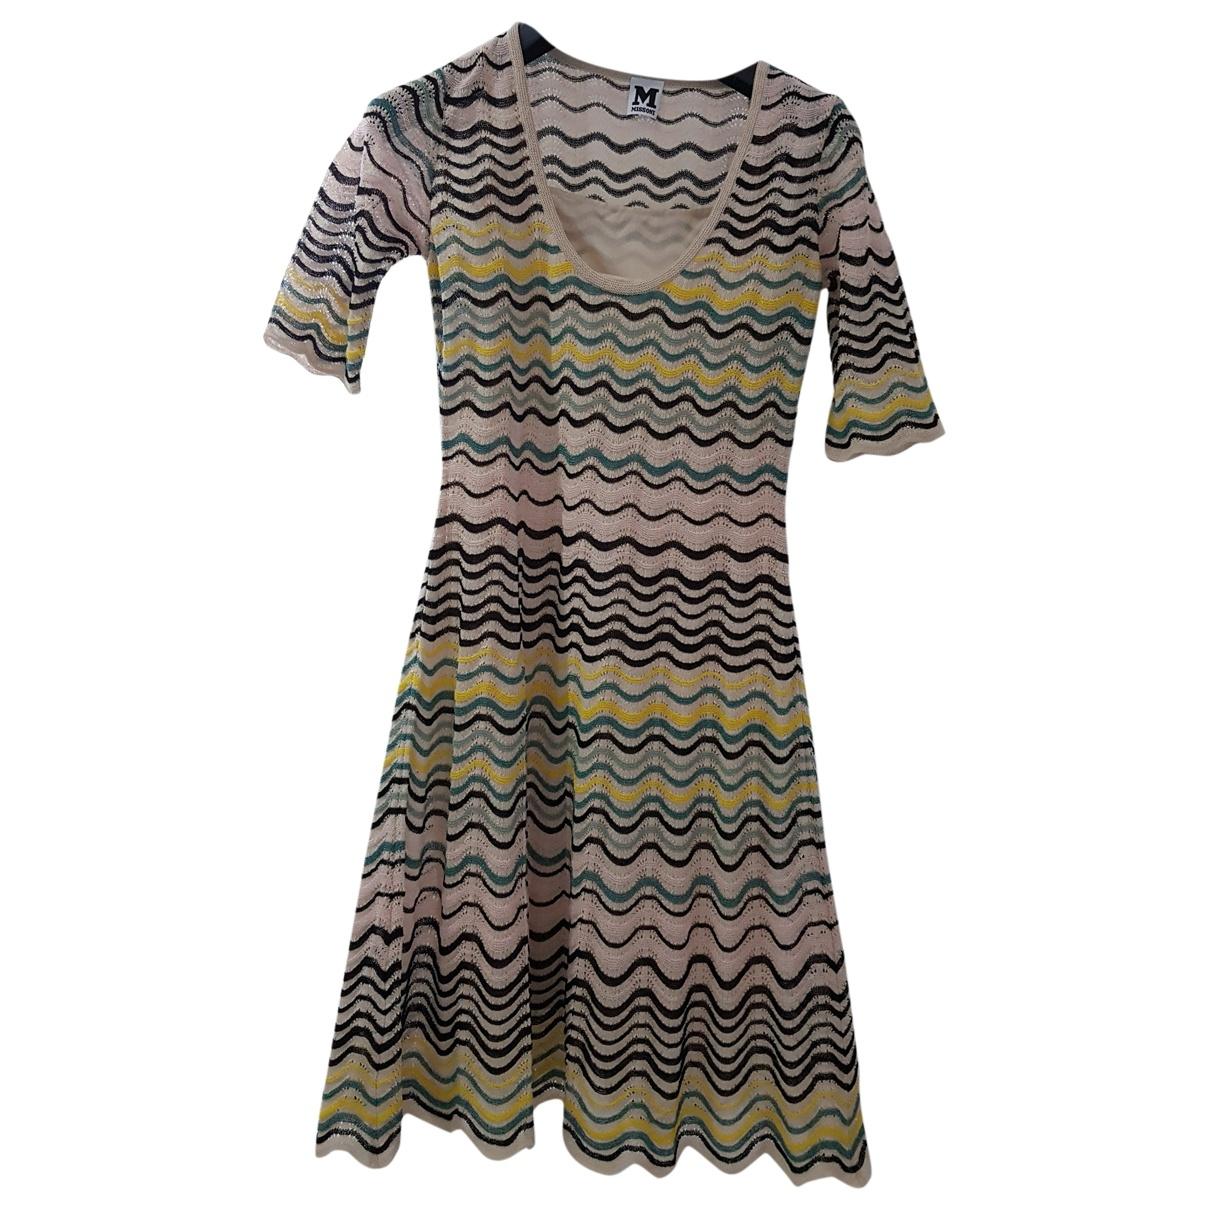 M Missoni \N Beige Cotton dress for Women 40 IT